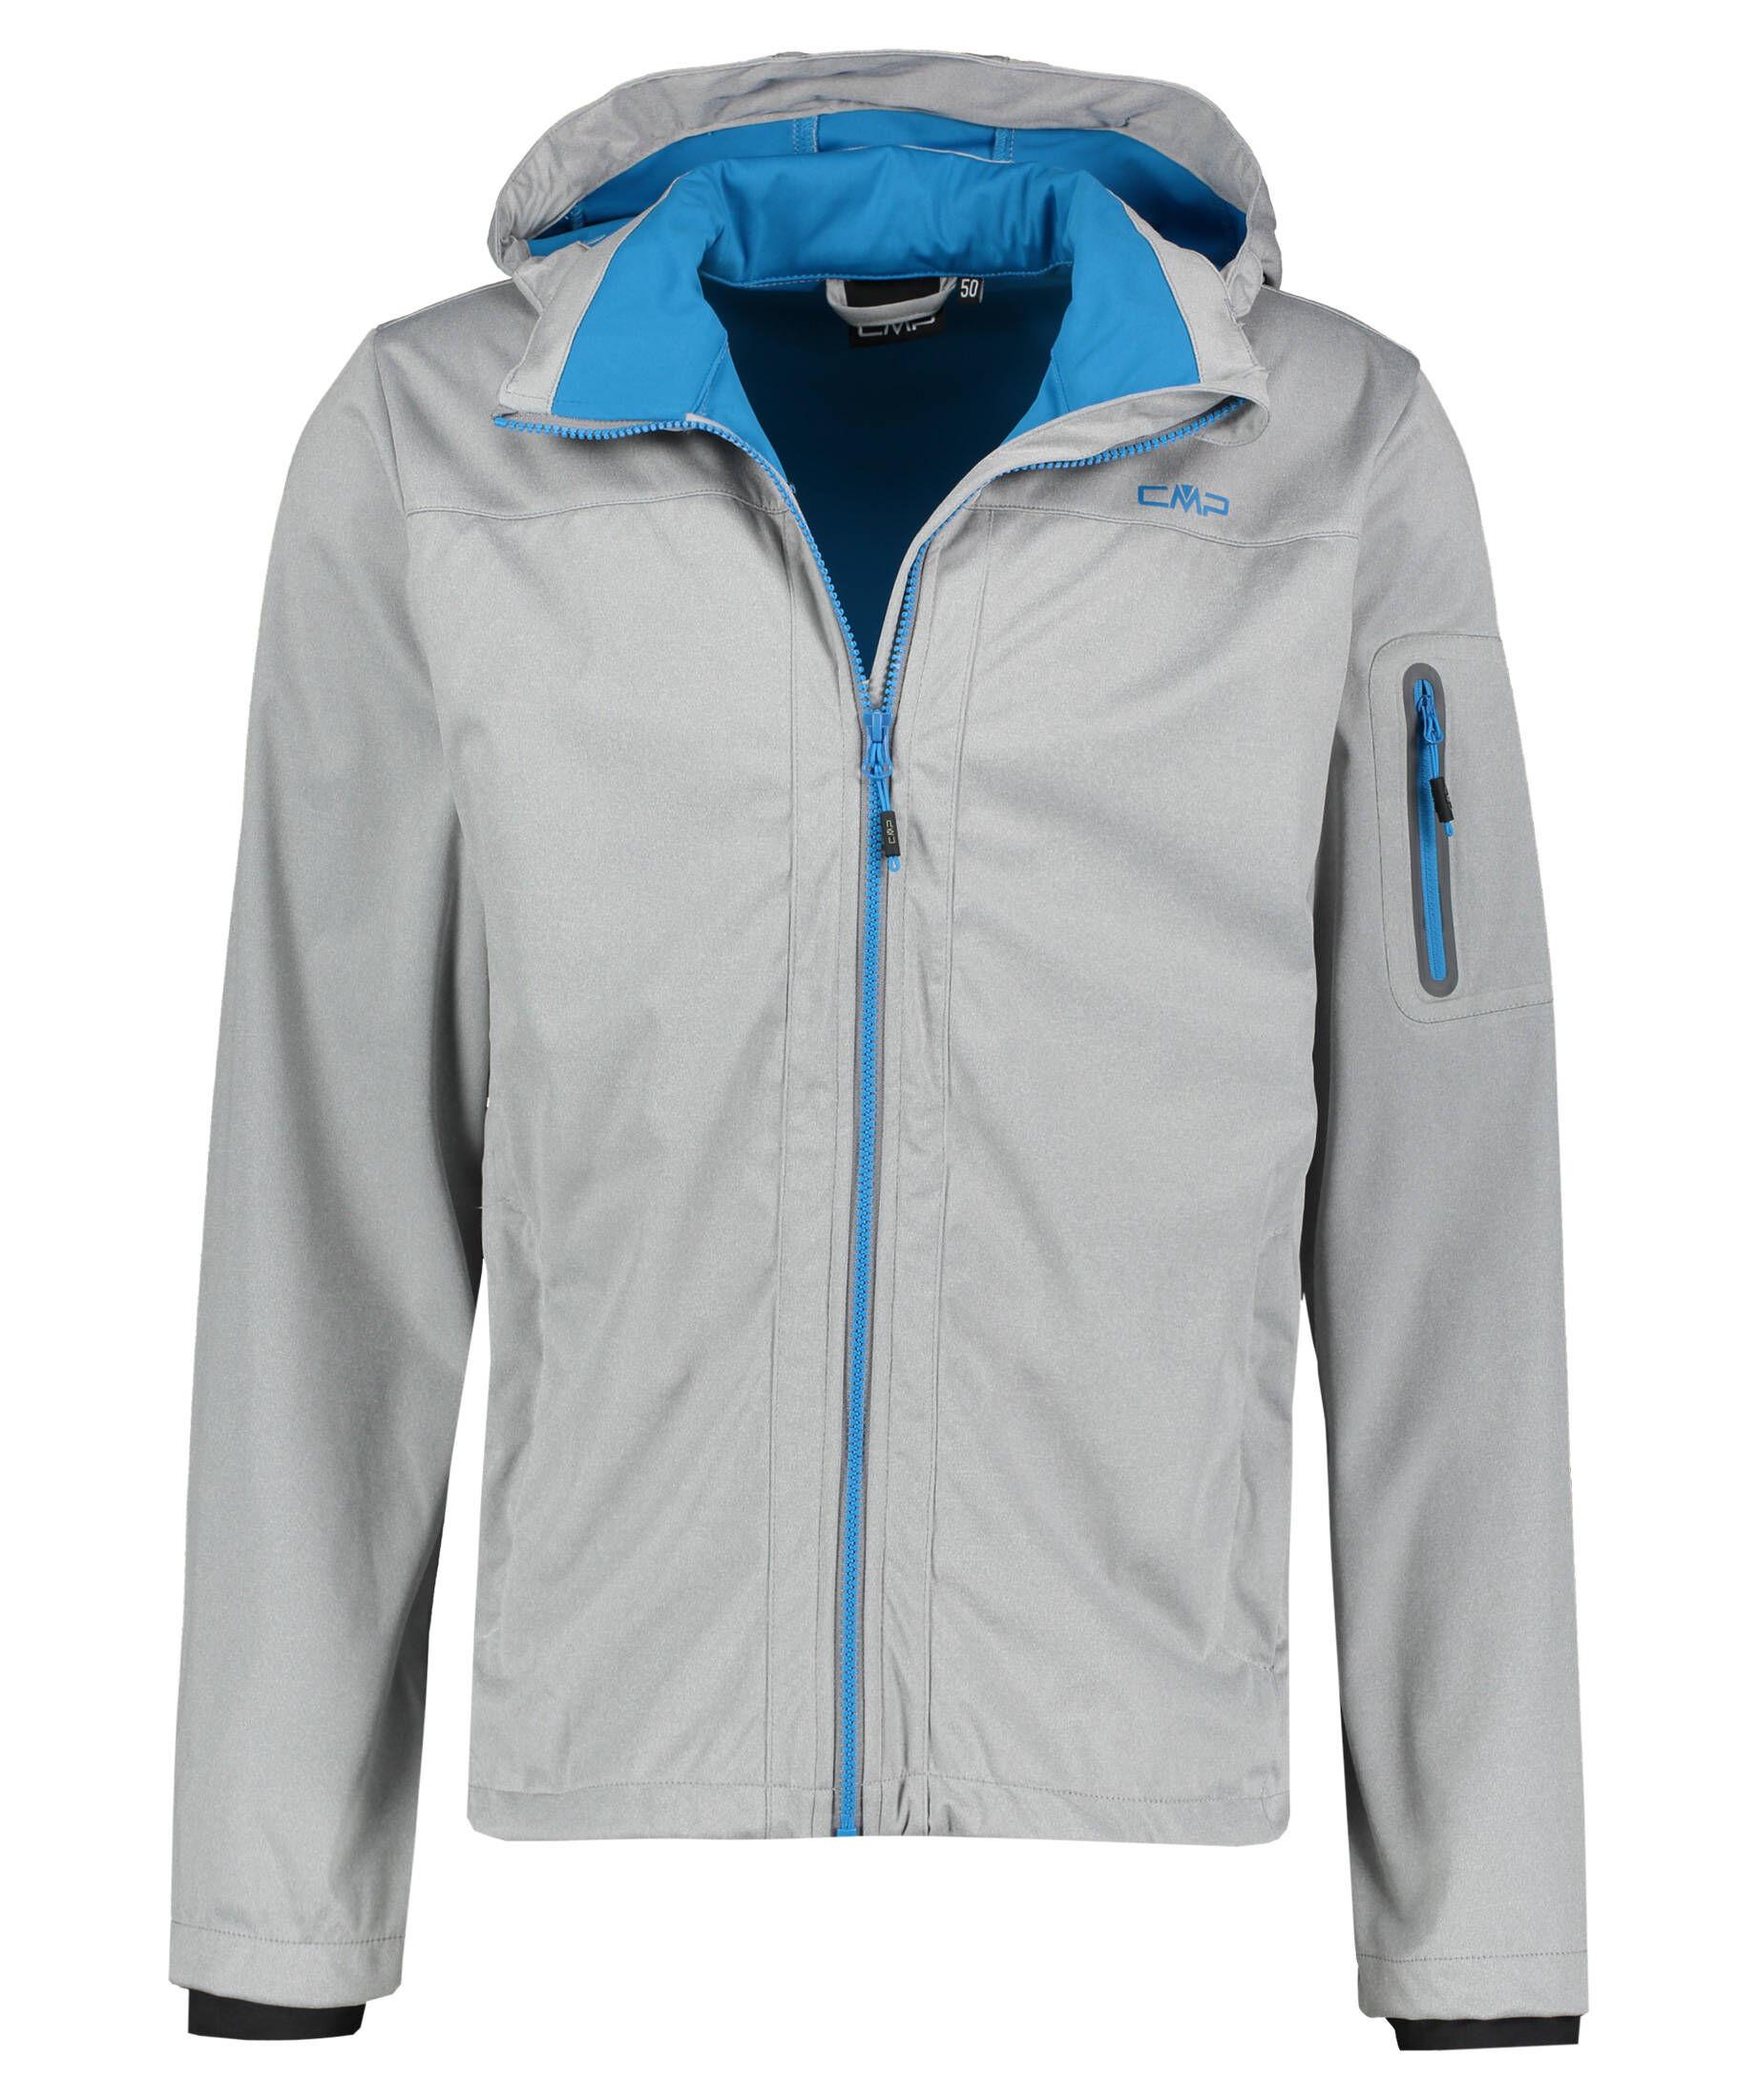 CMP Sportbekleidung online shoppen | engelhorn